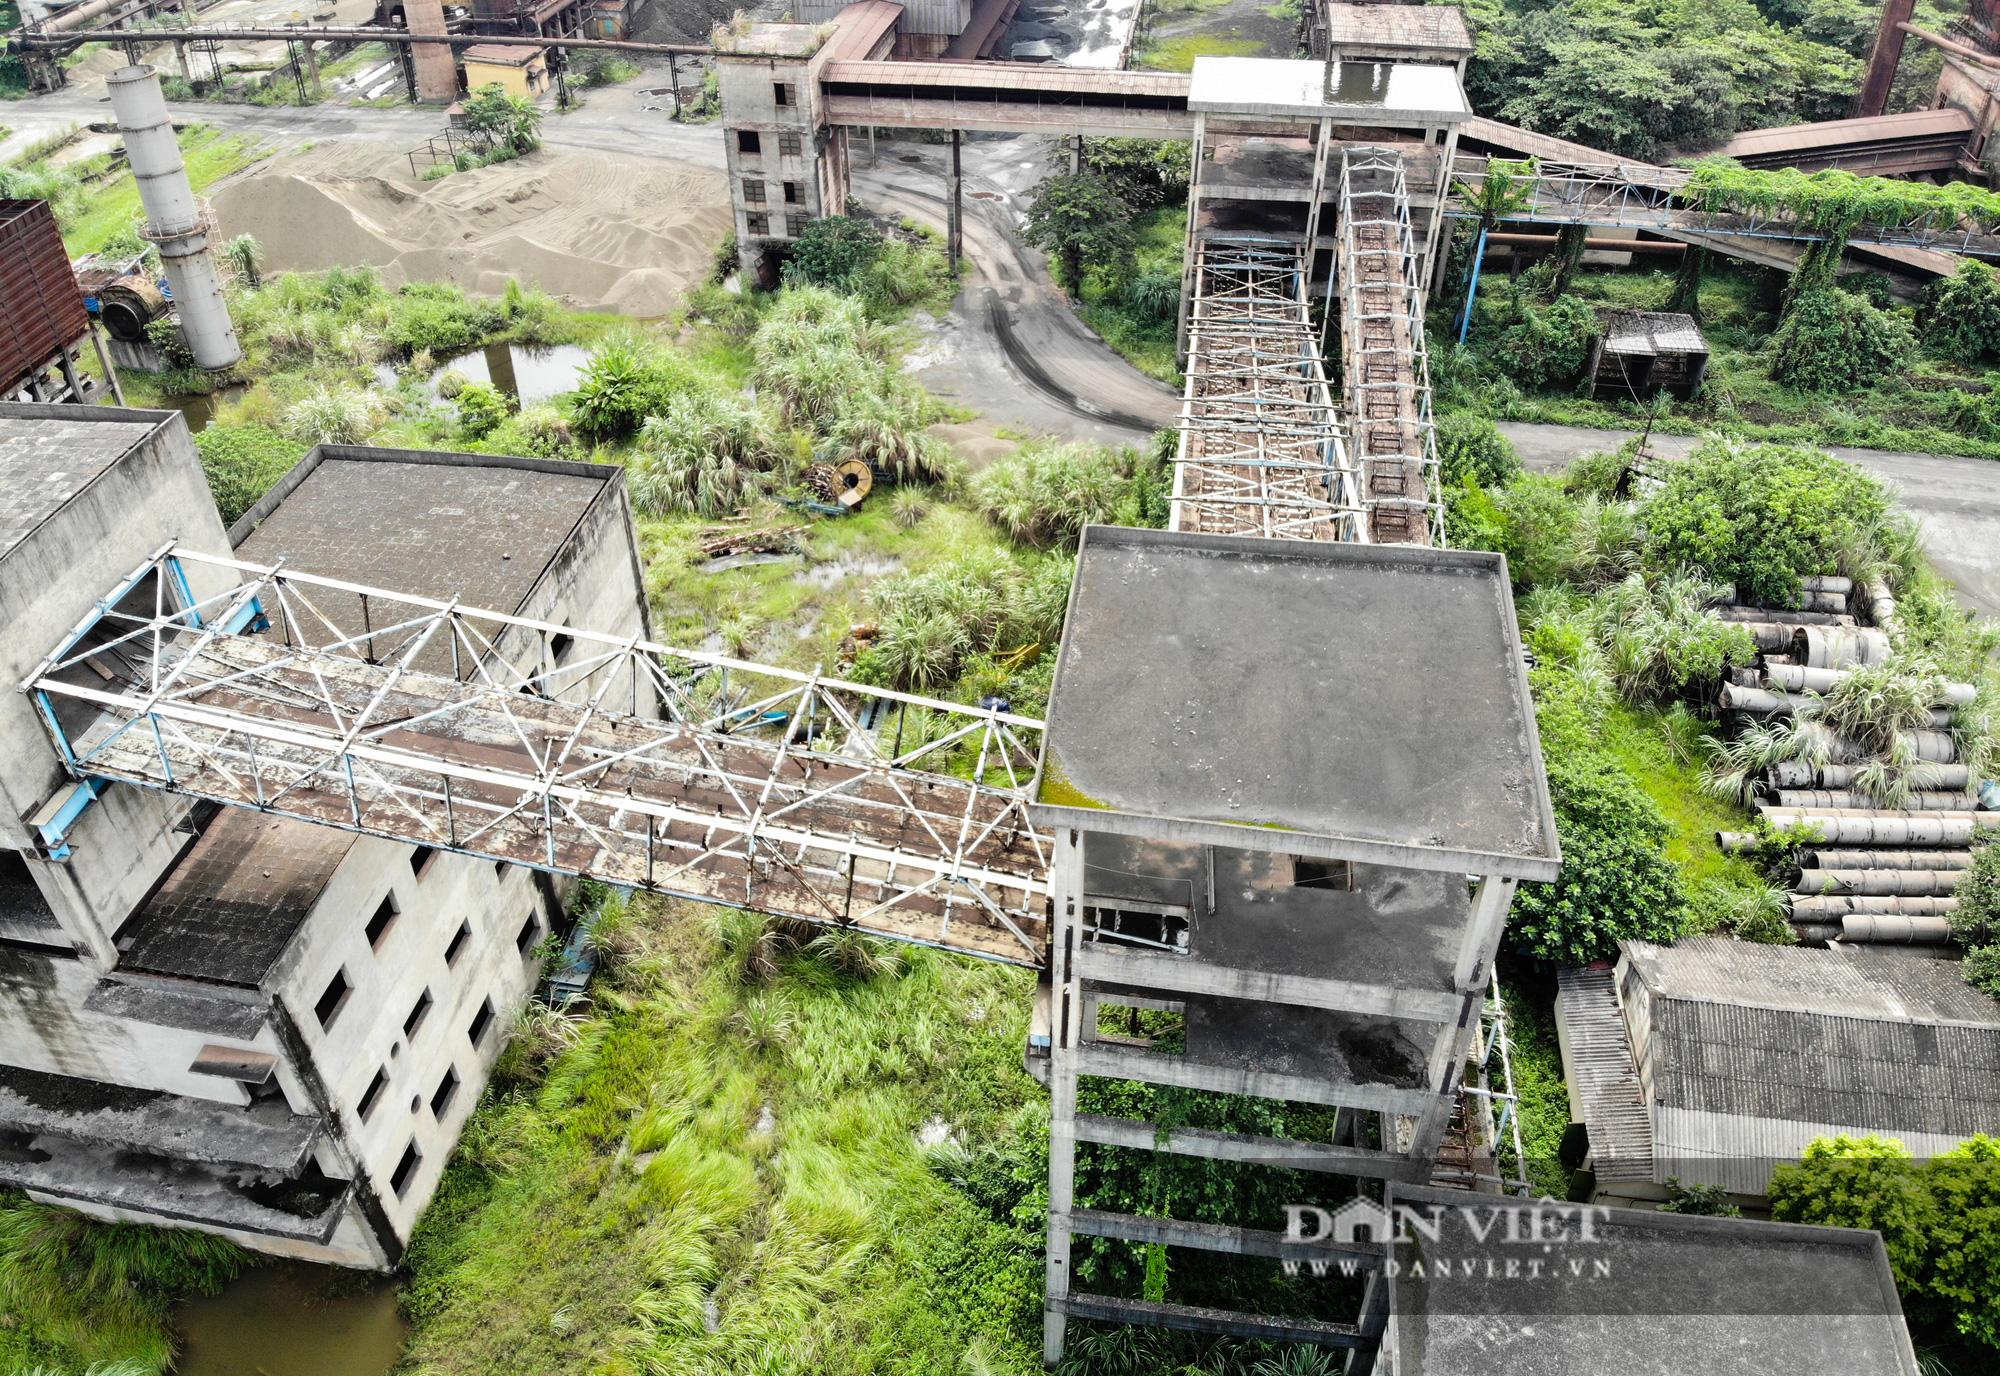 Ai chỉ đạo đàm phán với Tập đoàn ở Trung Quốc ở dự án Gang thép Thái Nguyên? - Ảnh 4.